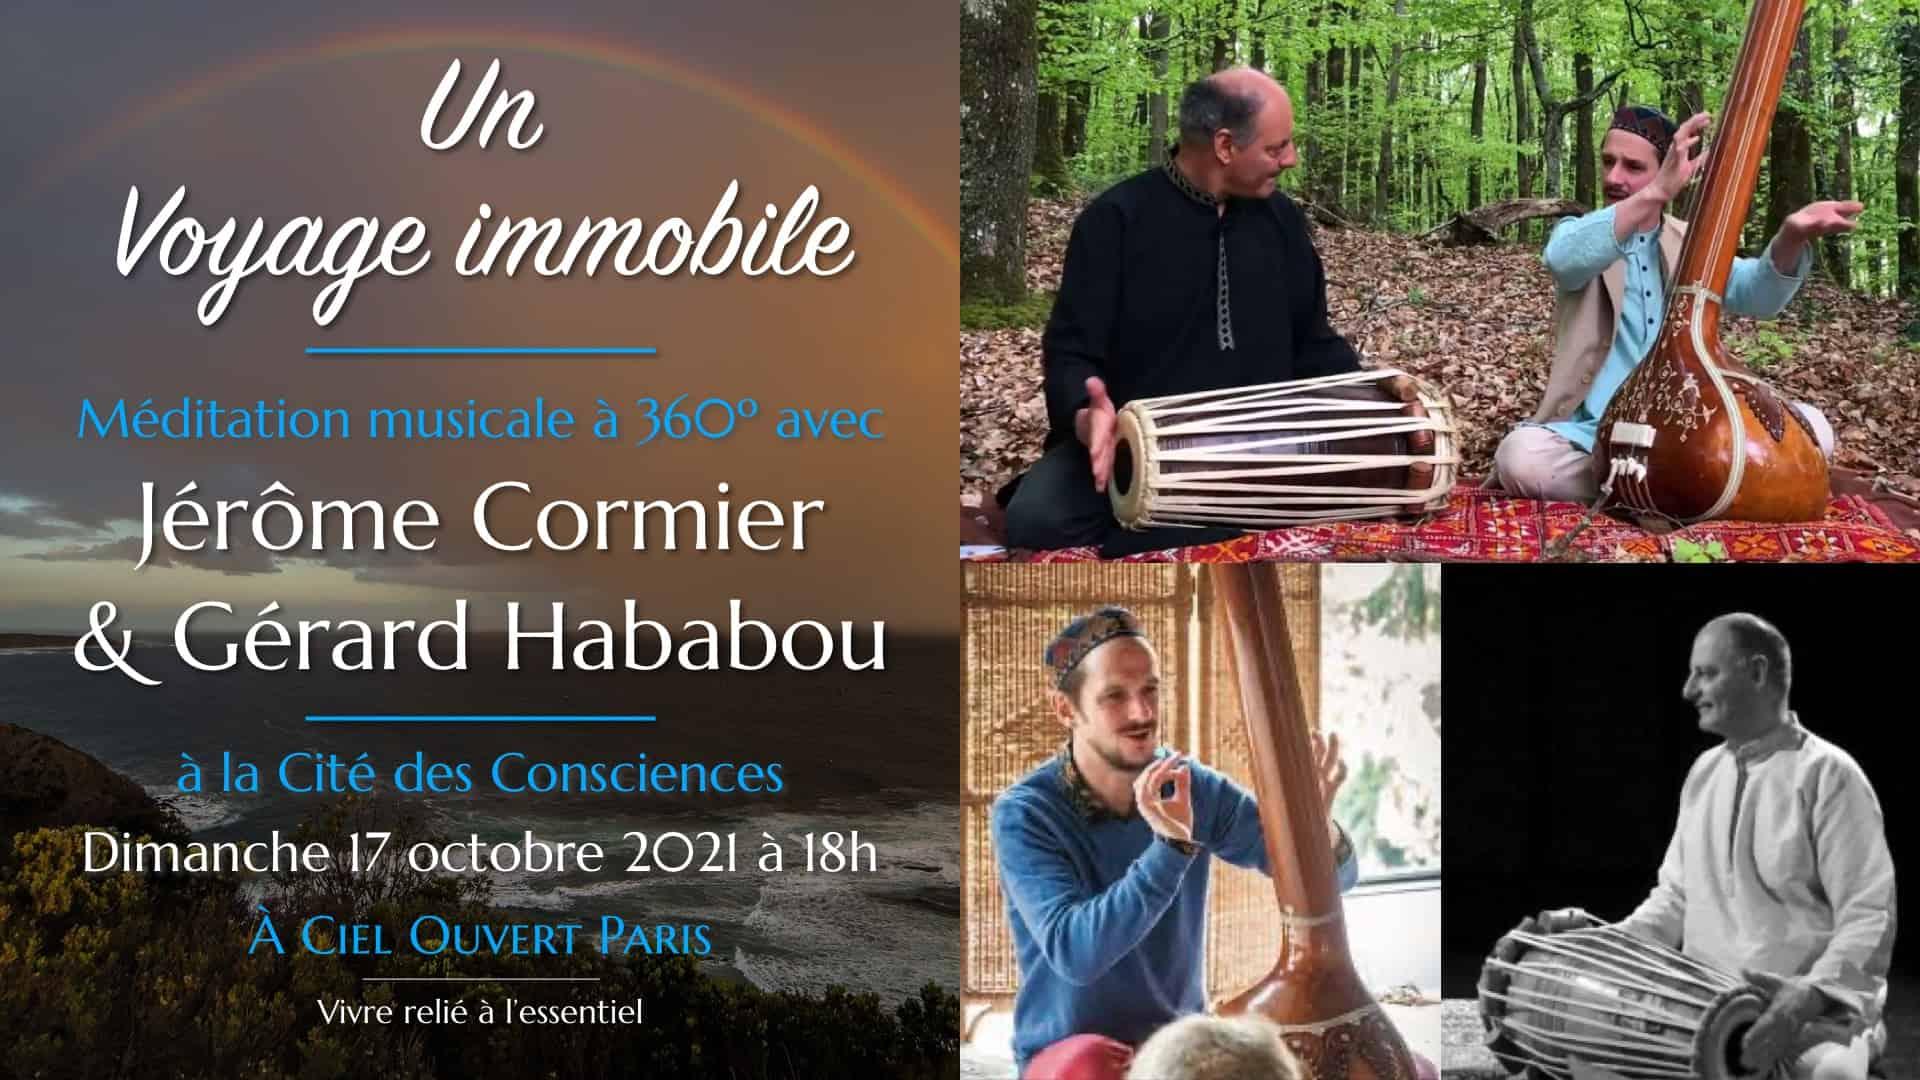 Voyage Immobile – Jérôme Cormier & Gérard Hababou